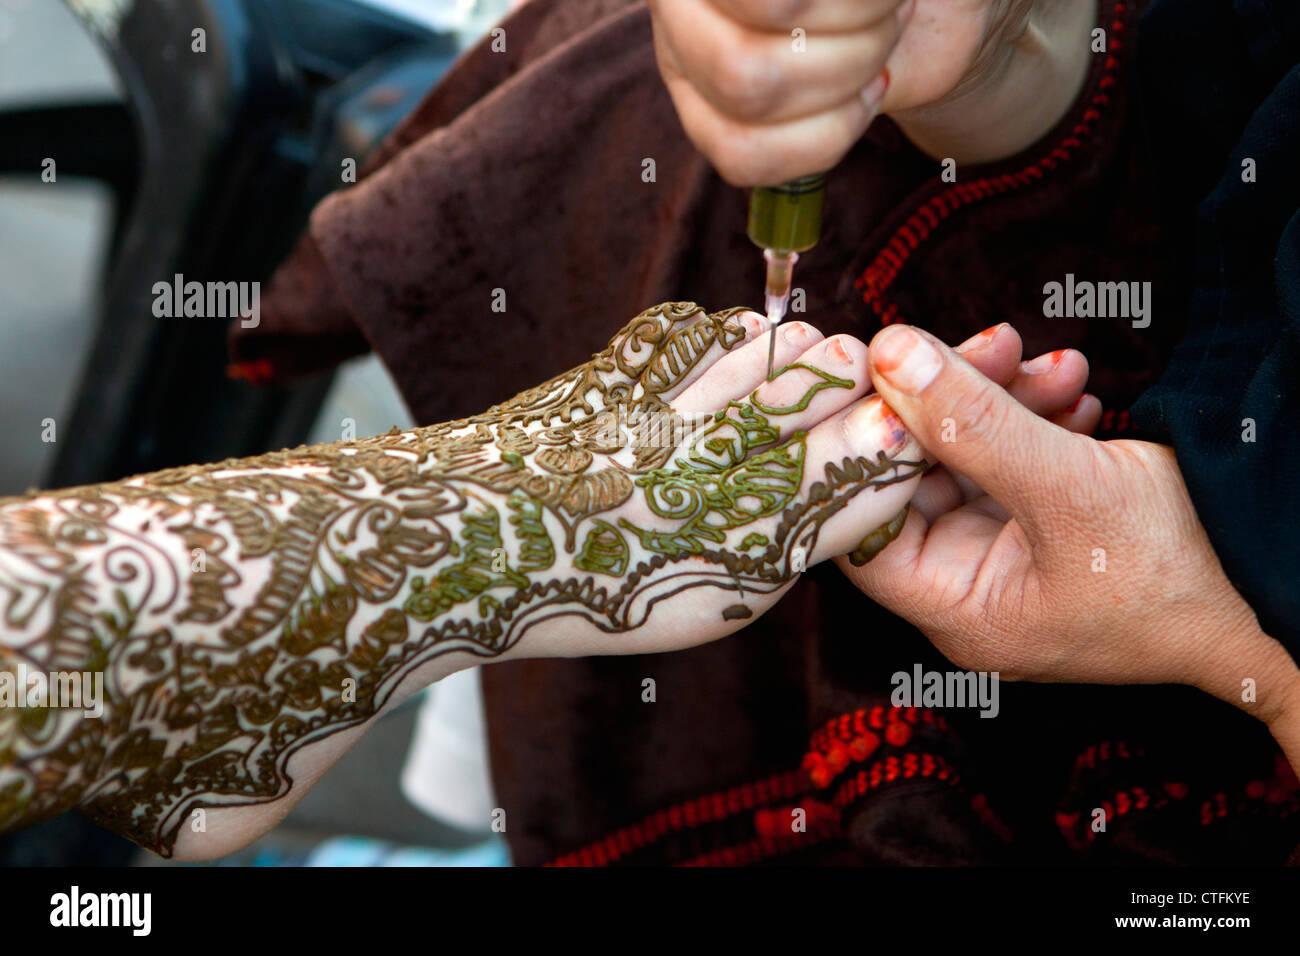 marokko genannt marrakesch platz djemaa el fna frau macht henna tattoo am bein und fu der. Black Bedroom Furniture Sets. Home Design Ideas